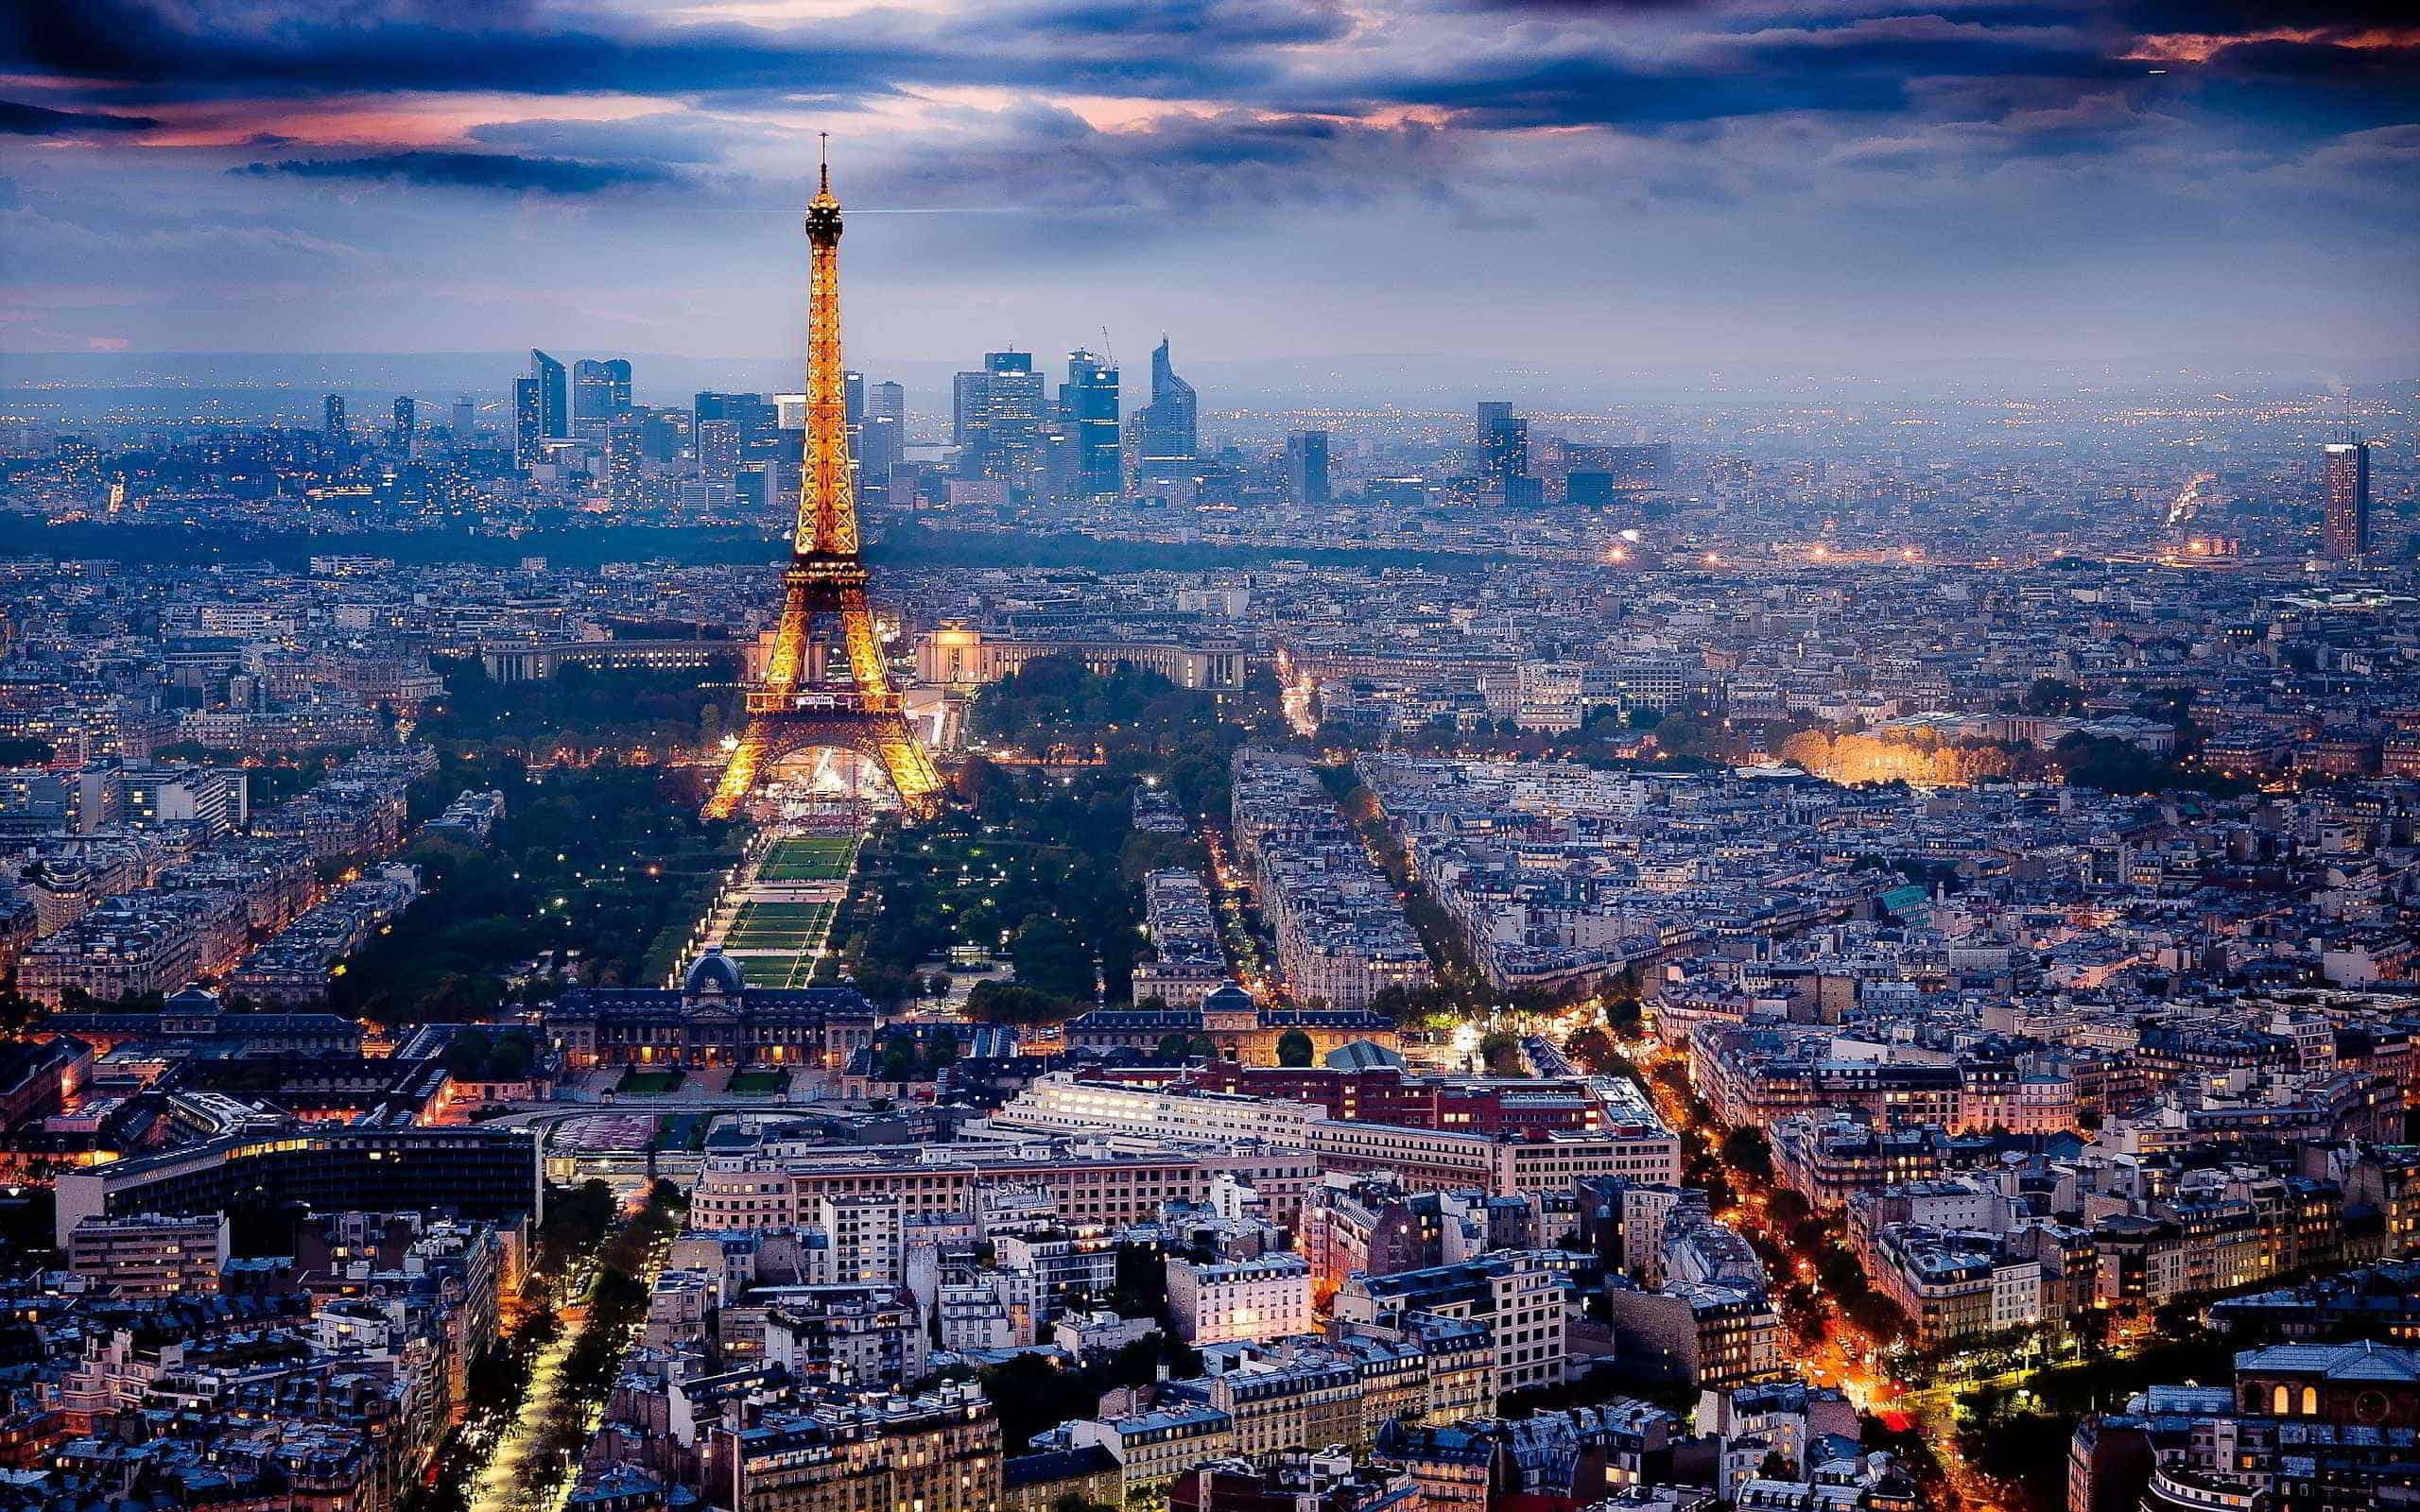 افضل 10 من فنادق باريس خمس نجوم ننصح بها 2020